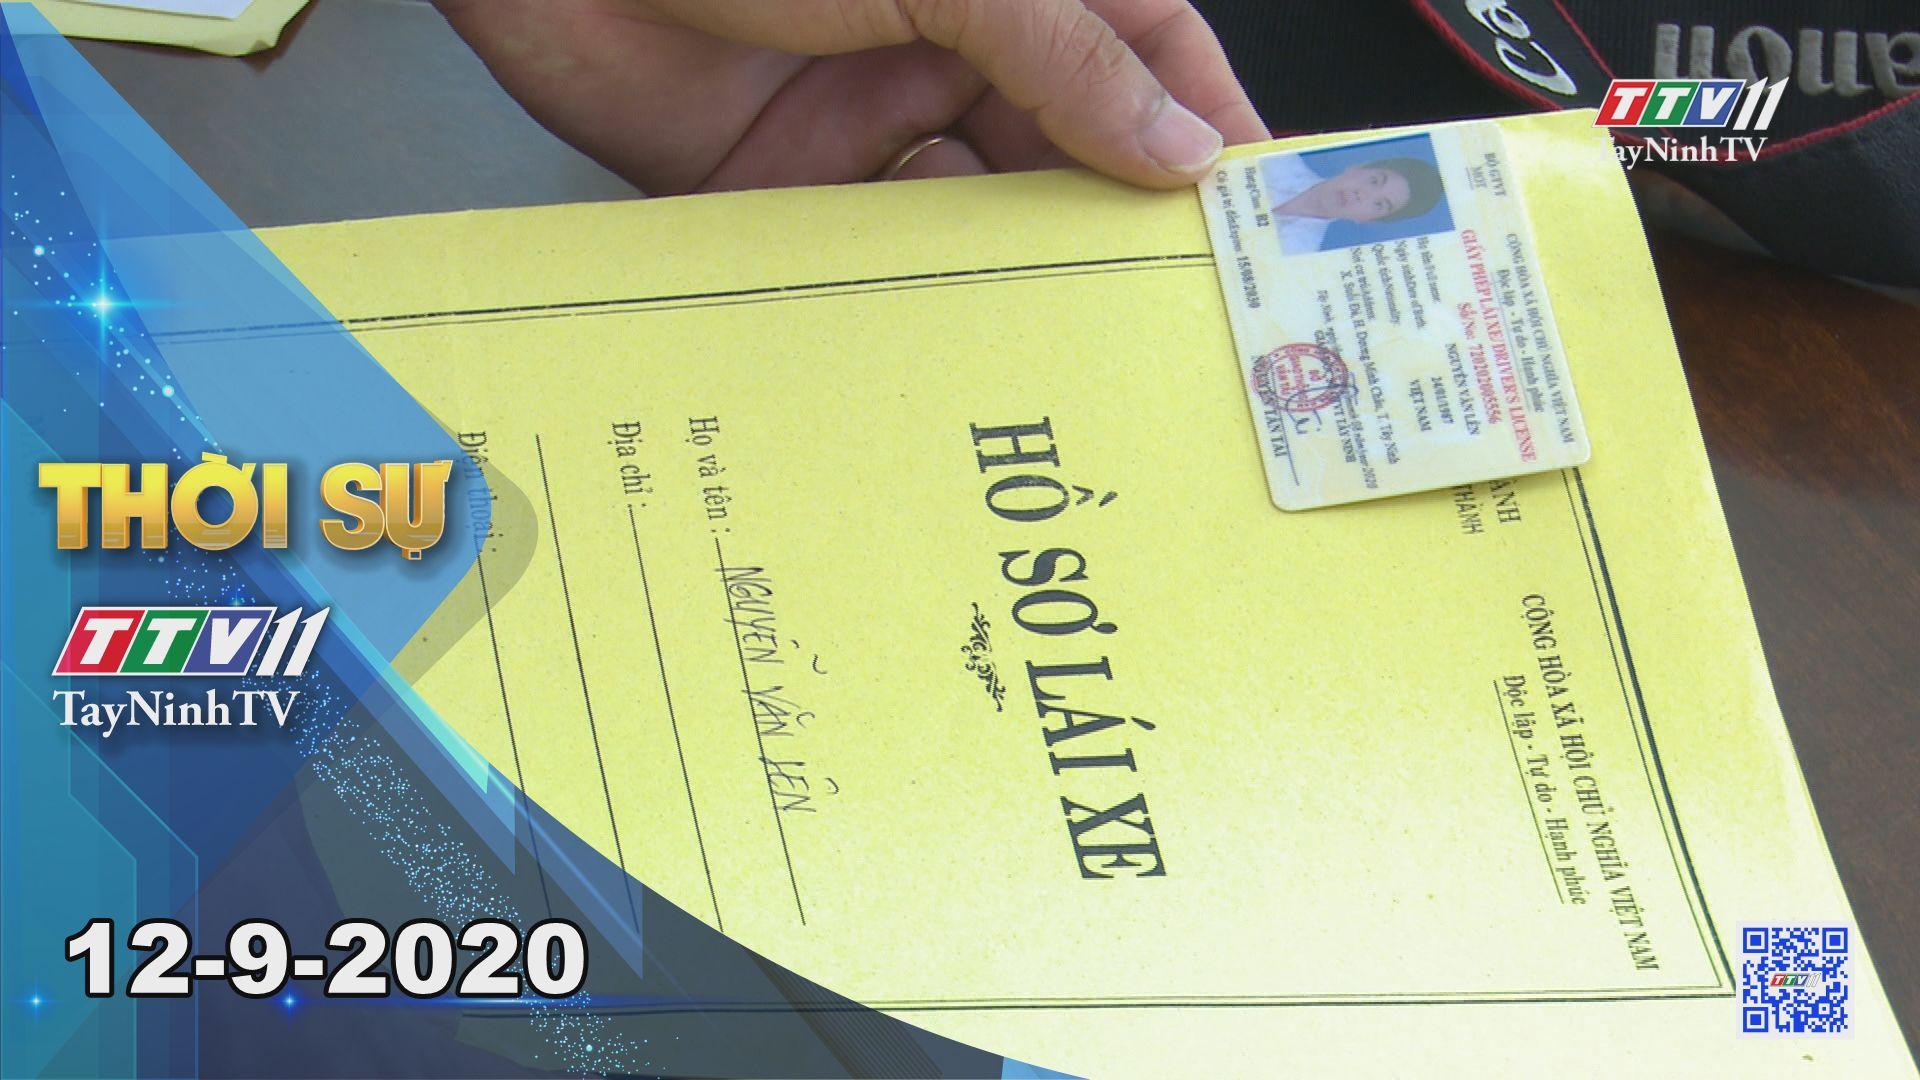 Thời sự Tây Ninh 12-9-2020 | Tin tức hôm nay | TayNinhTV